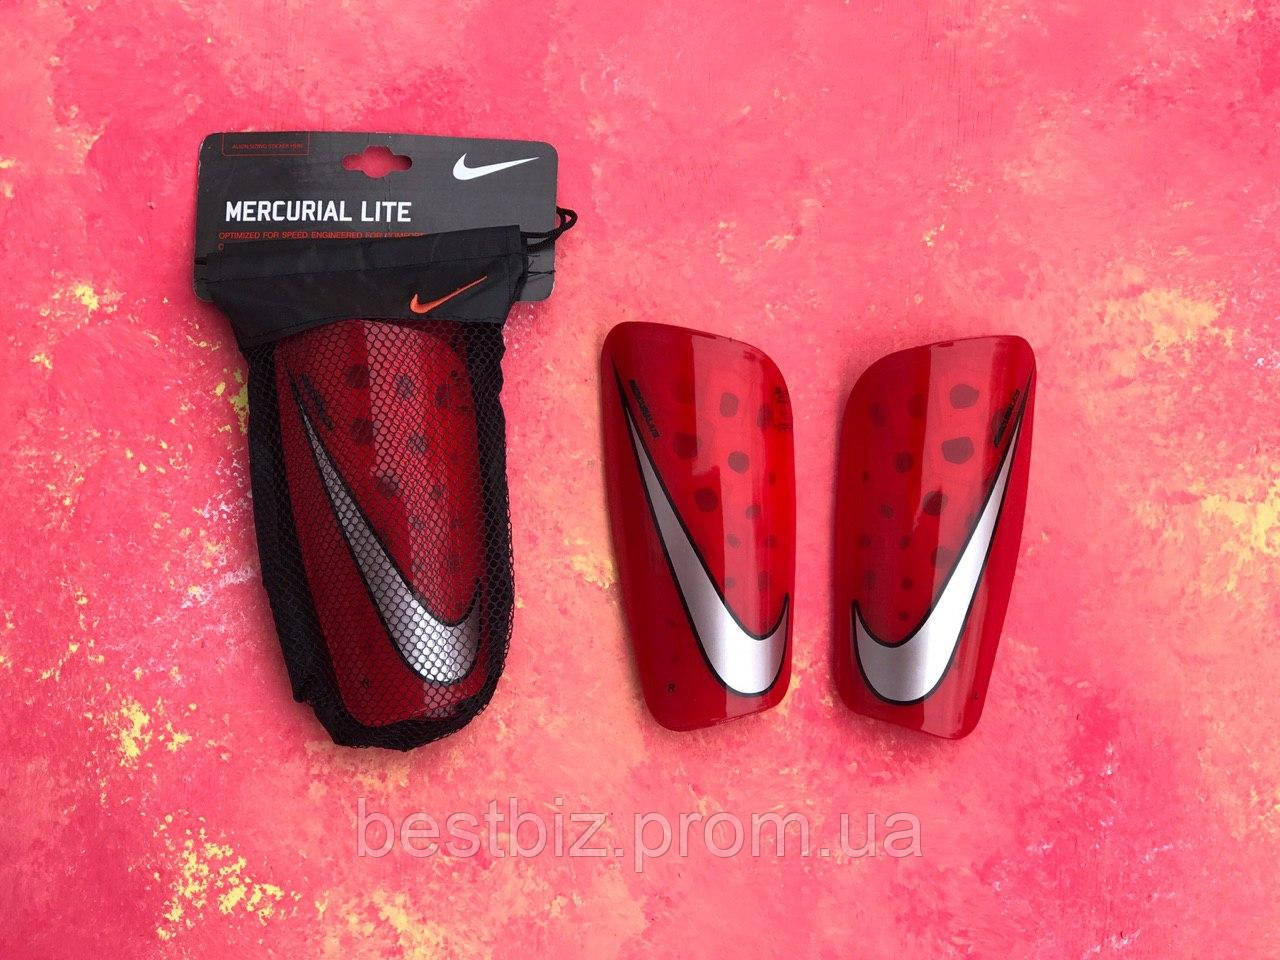 Щитки футбольные Nike Mercurial Lite Guard/найк меркуриал лайт/для футбола